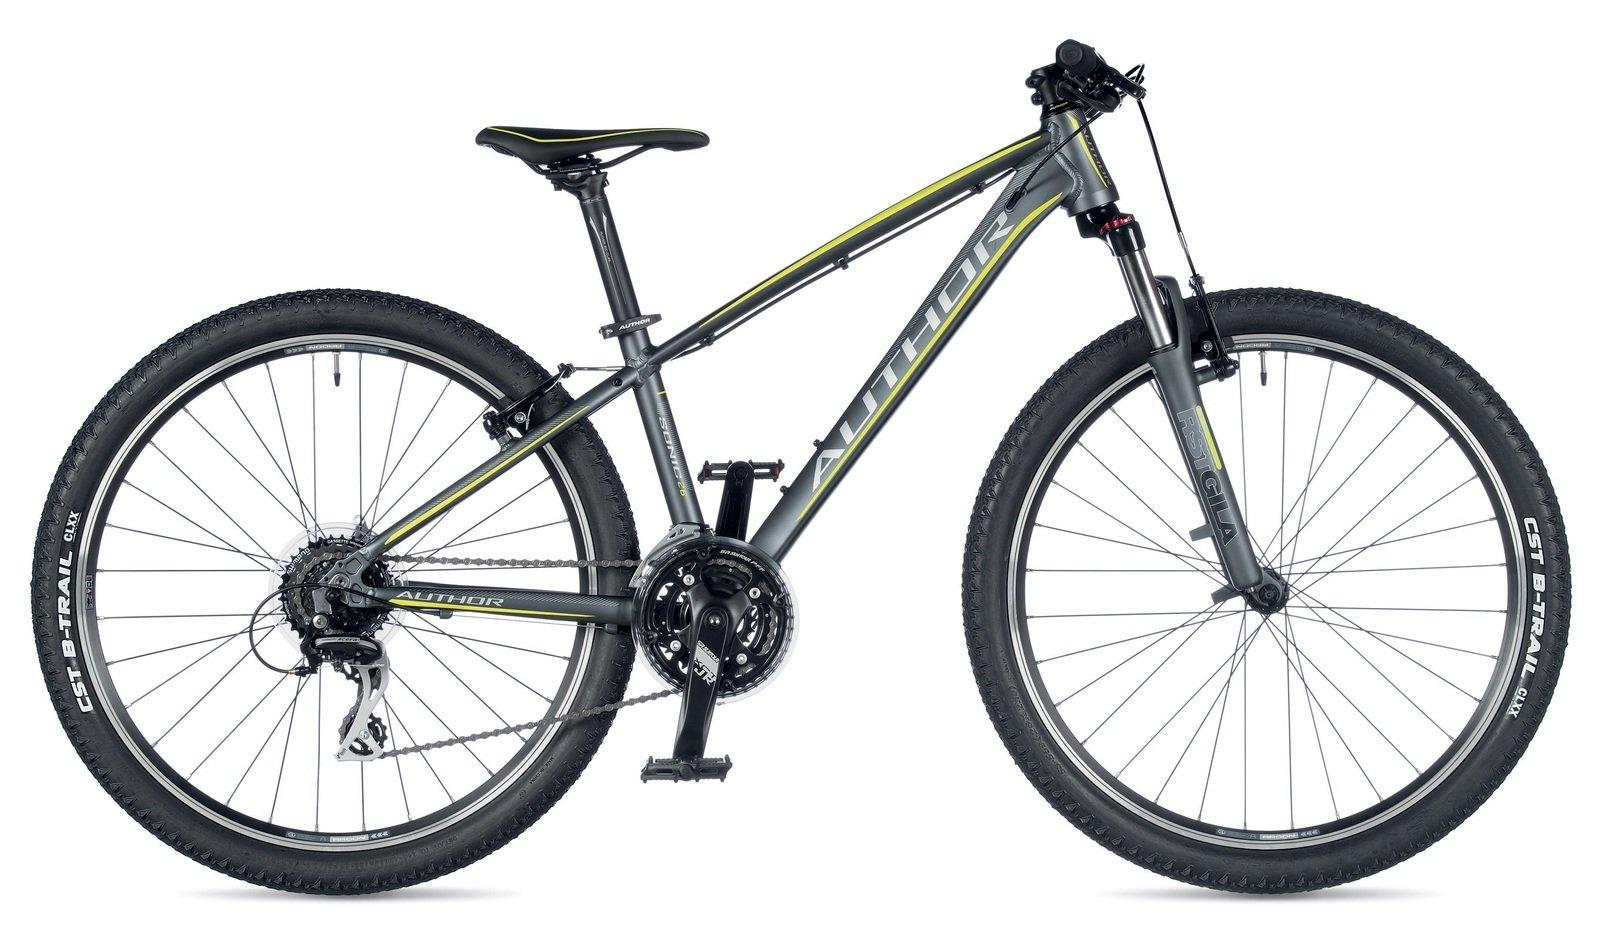 6a7ab1928748cf Велосипед AUTHOR SONIC 26 2019 - СКИДКА 14% + ПОДАРОК. Интернет ...